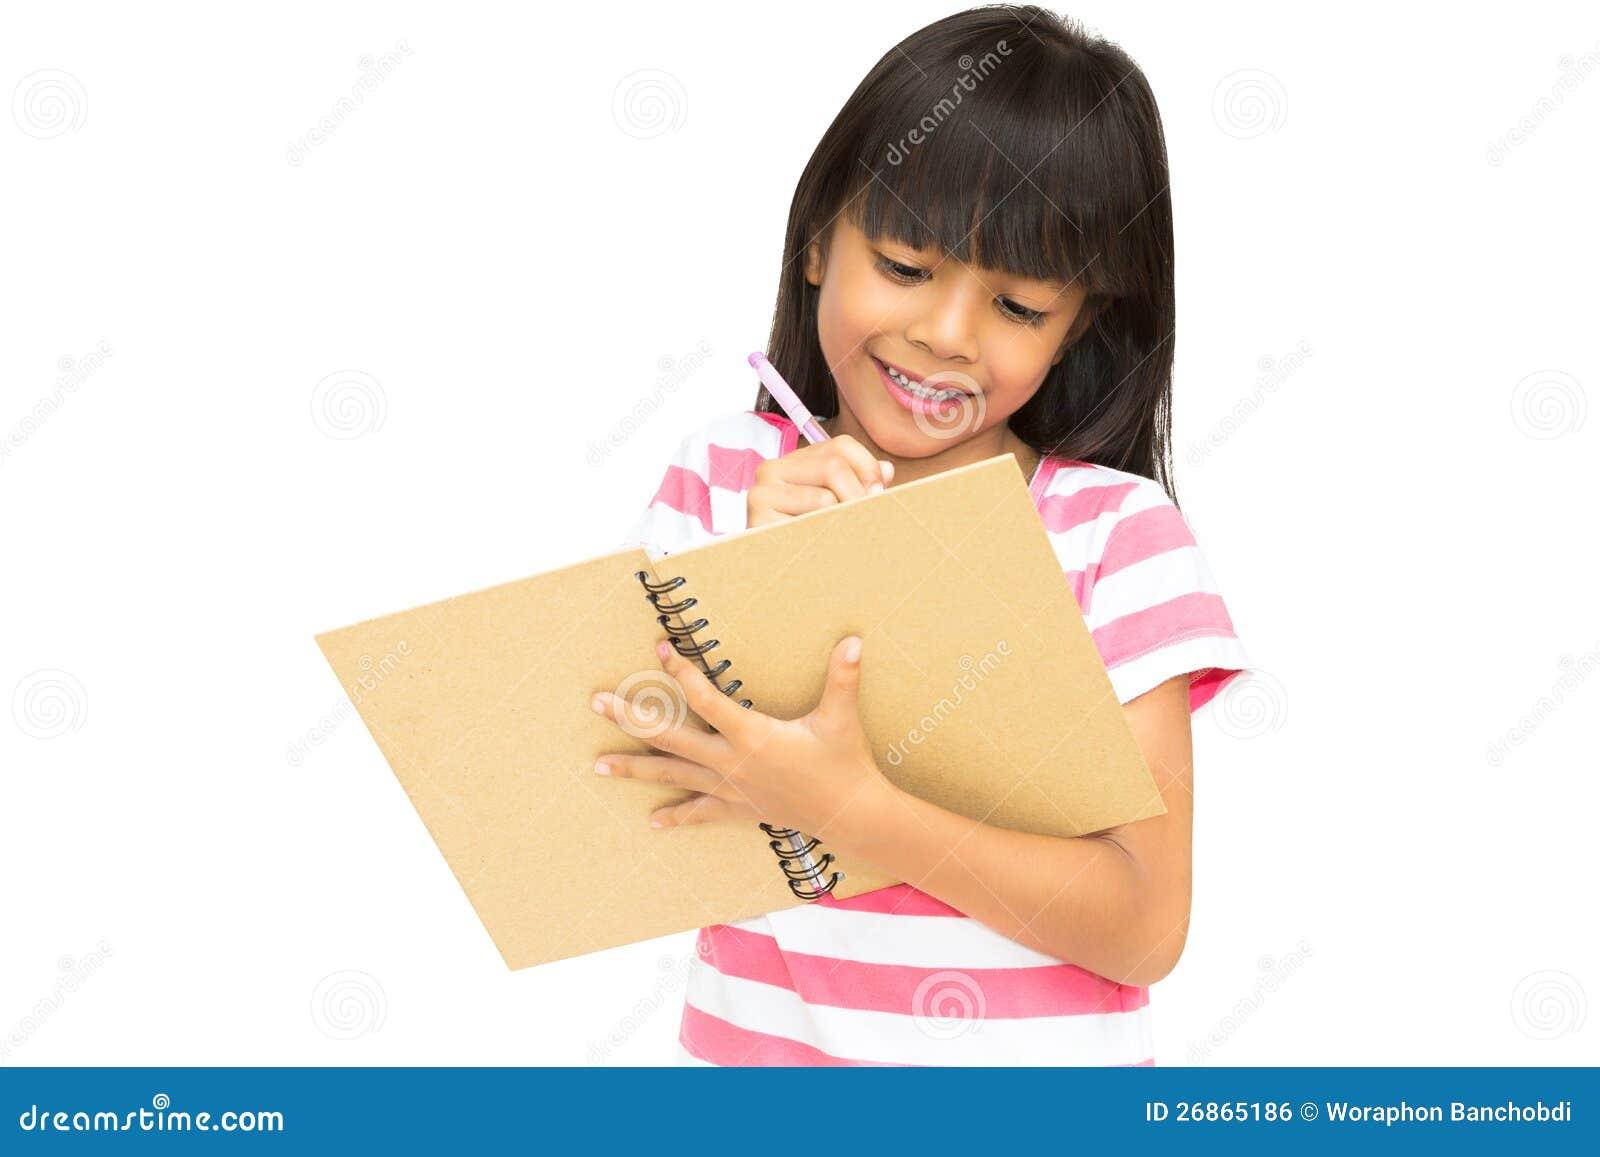 Pisze notatniku azjatycka mała dziewczynka